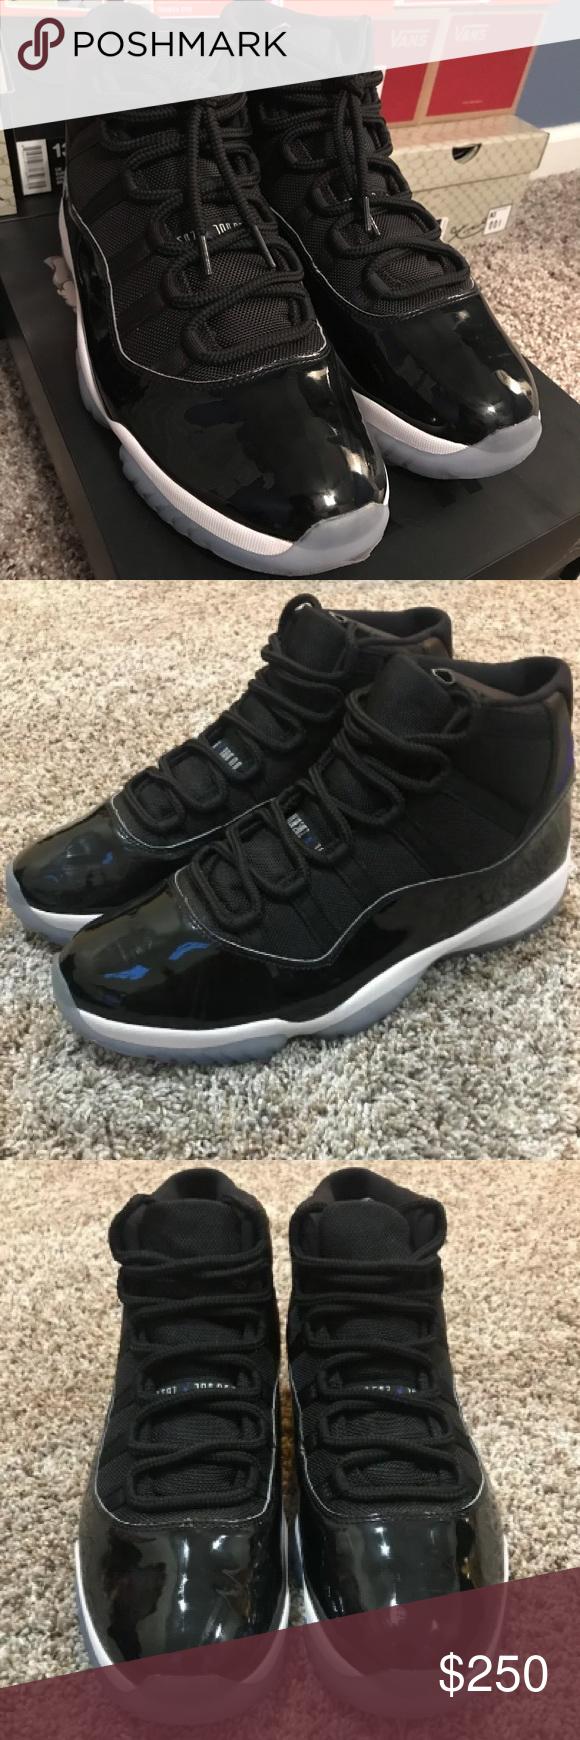 Jordans for men, Jordan 11